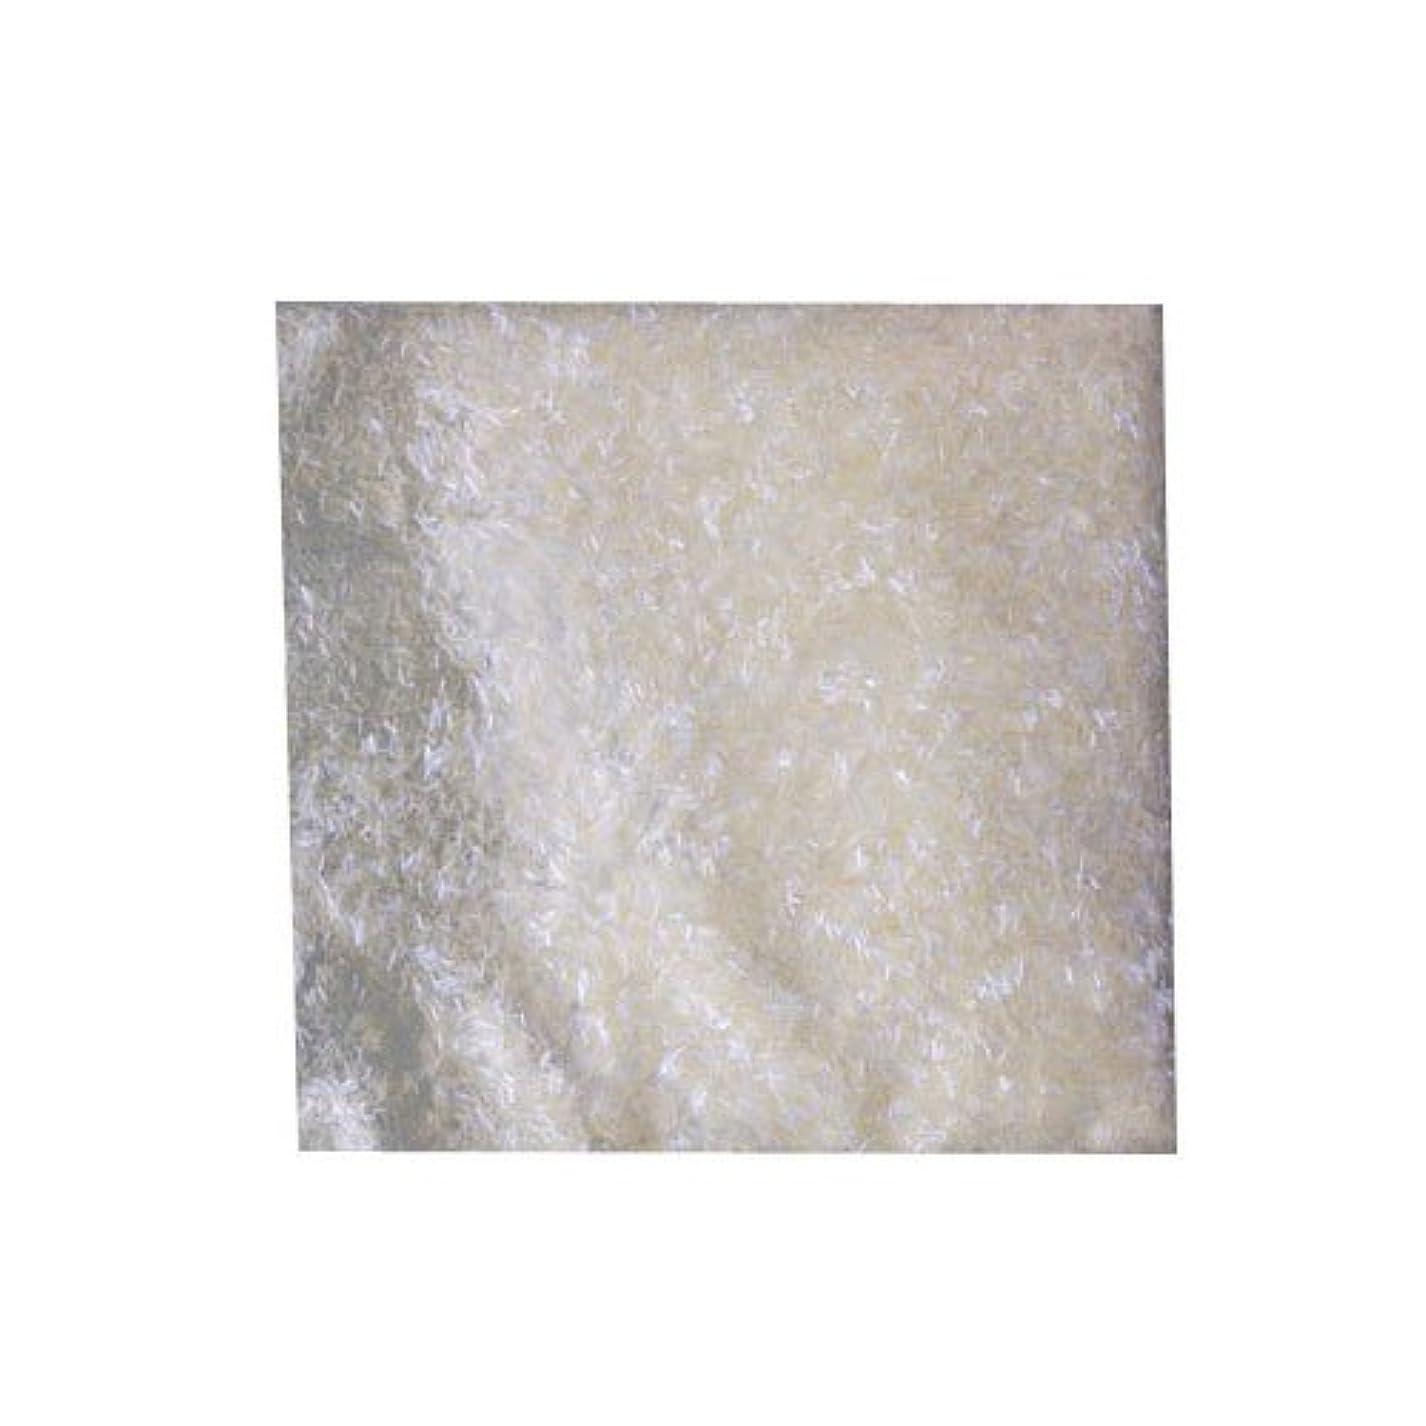 磨かれた特異な結晶チャンキーオーロラ #682 Wパープル 0.7g